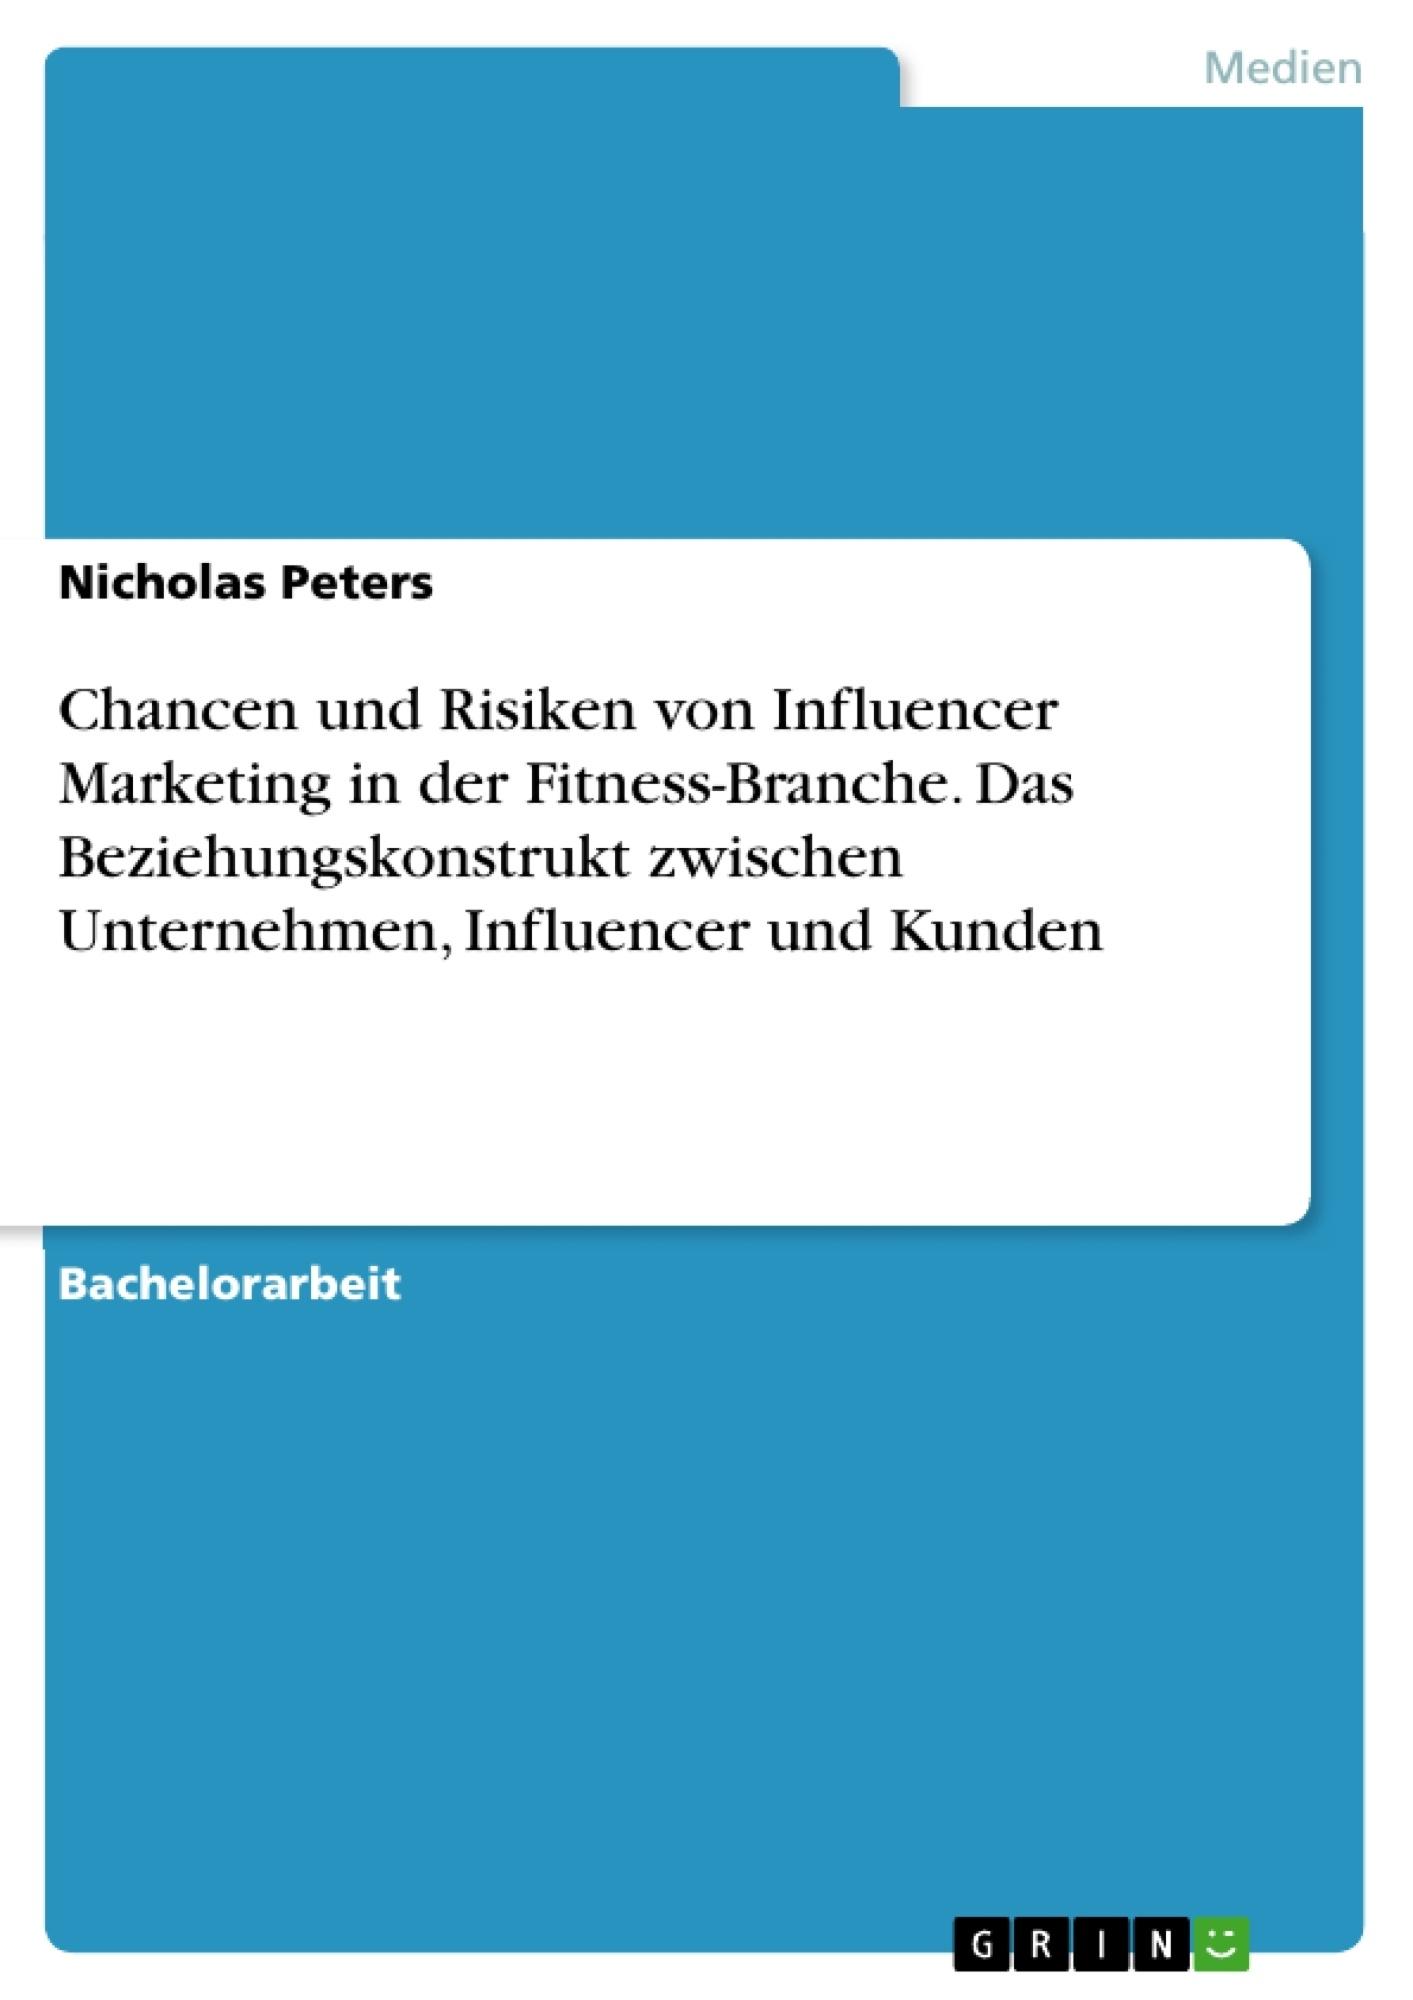 Titel: Chancen und Risiken von Influencer Marketing in der Fitness-Branche. Das Beziehungskonstrukt zwischen Unternehmen, Influencer und Kunden